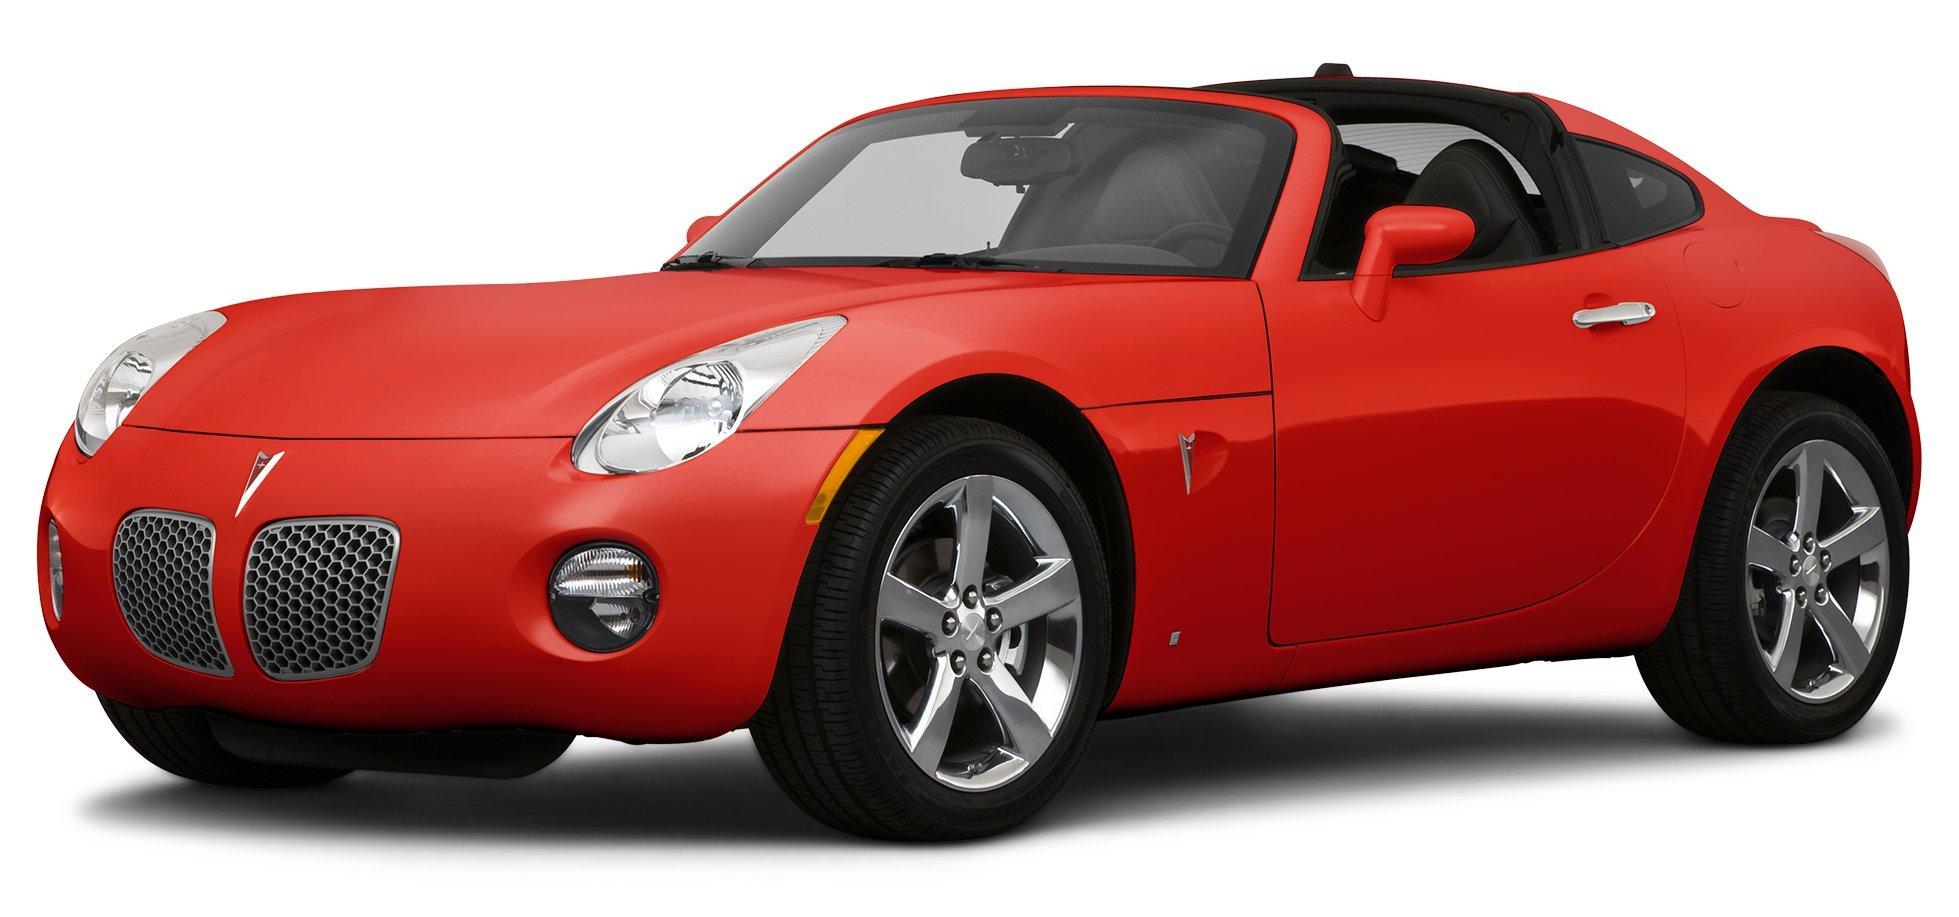 Superb 2009 Pontiac Solstice, 2 Door Convertible ...